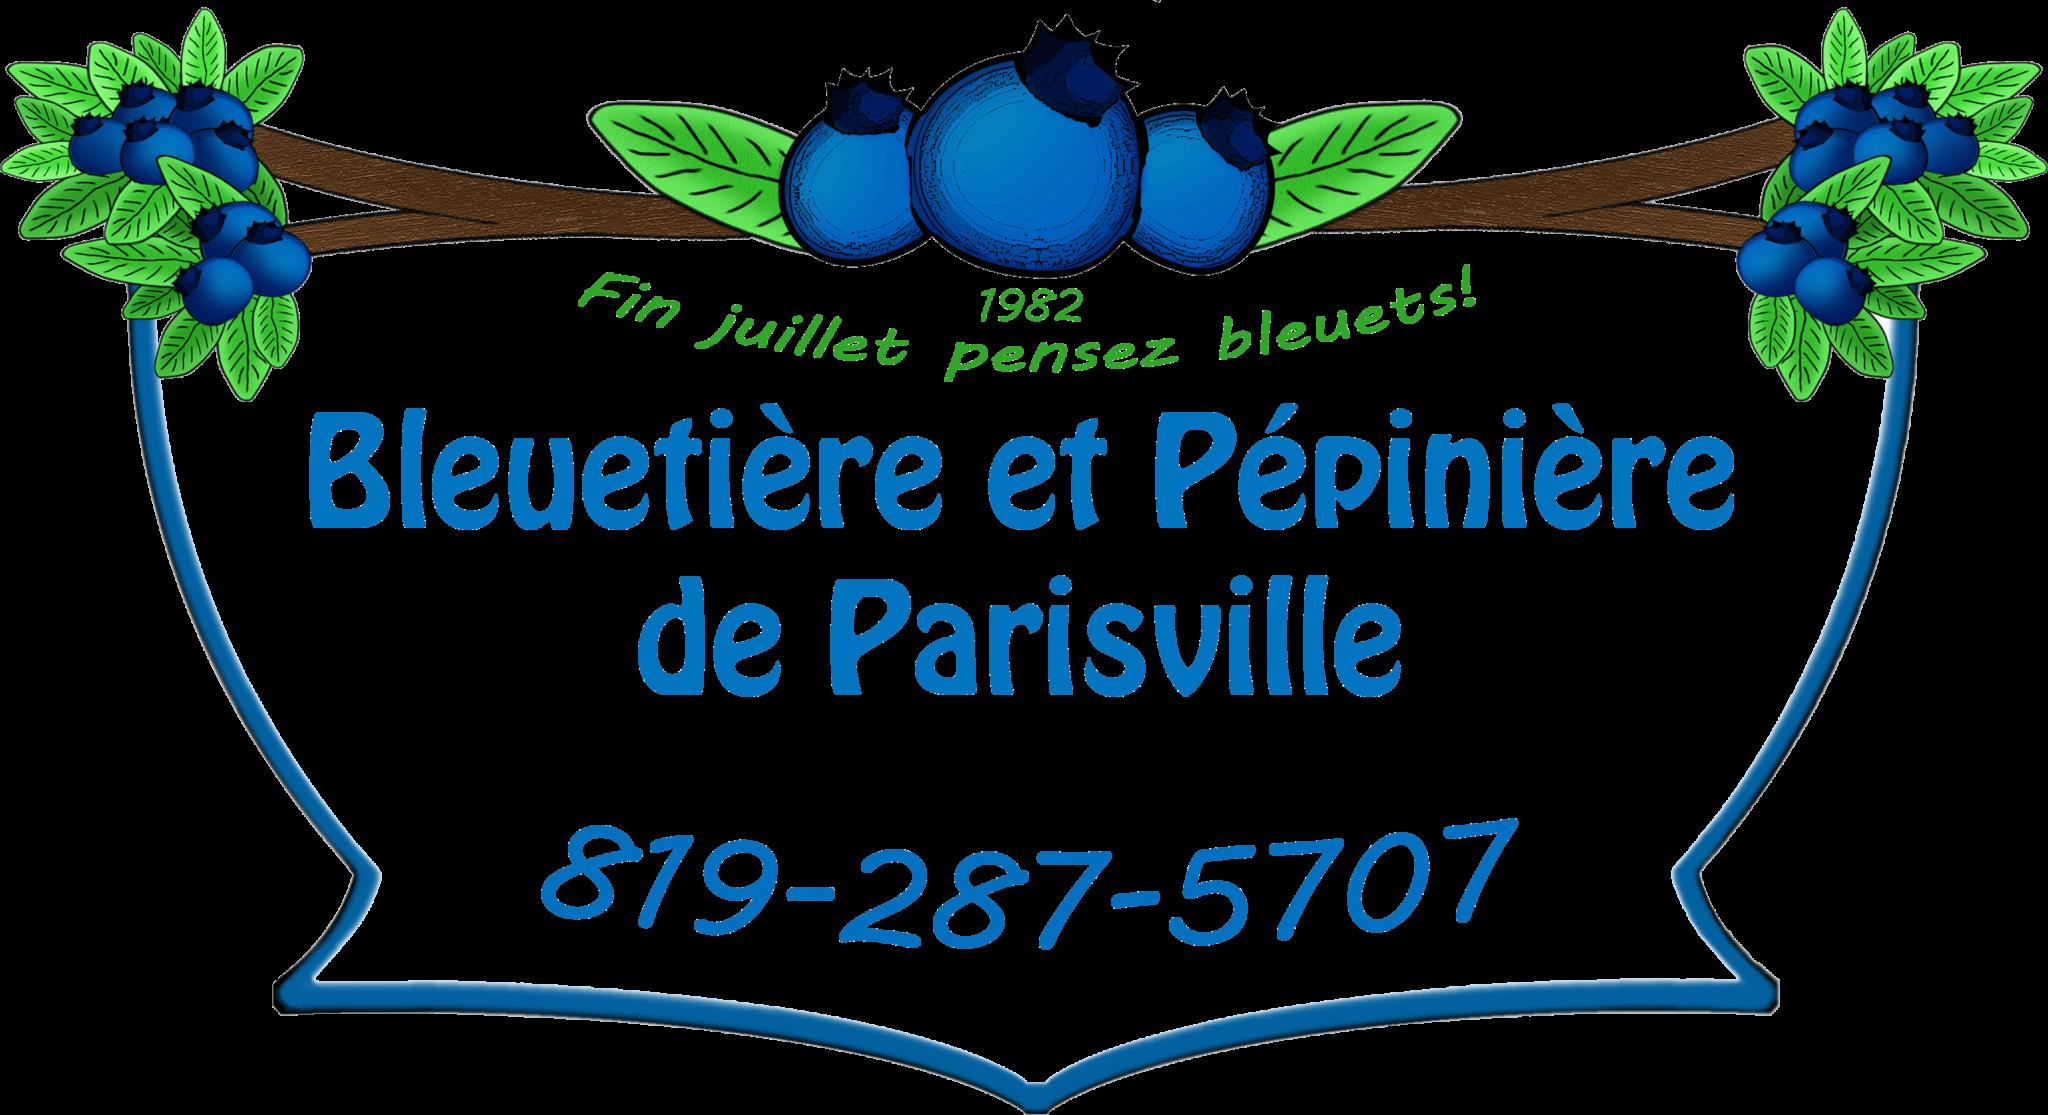 logo-bleuetiere-pepiniere-parisville